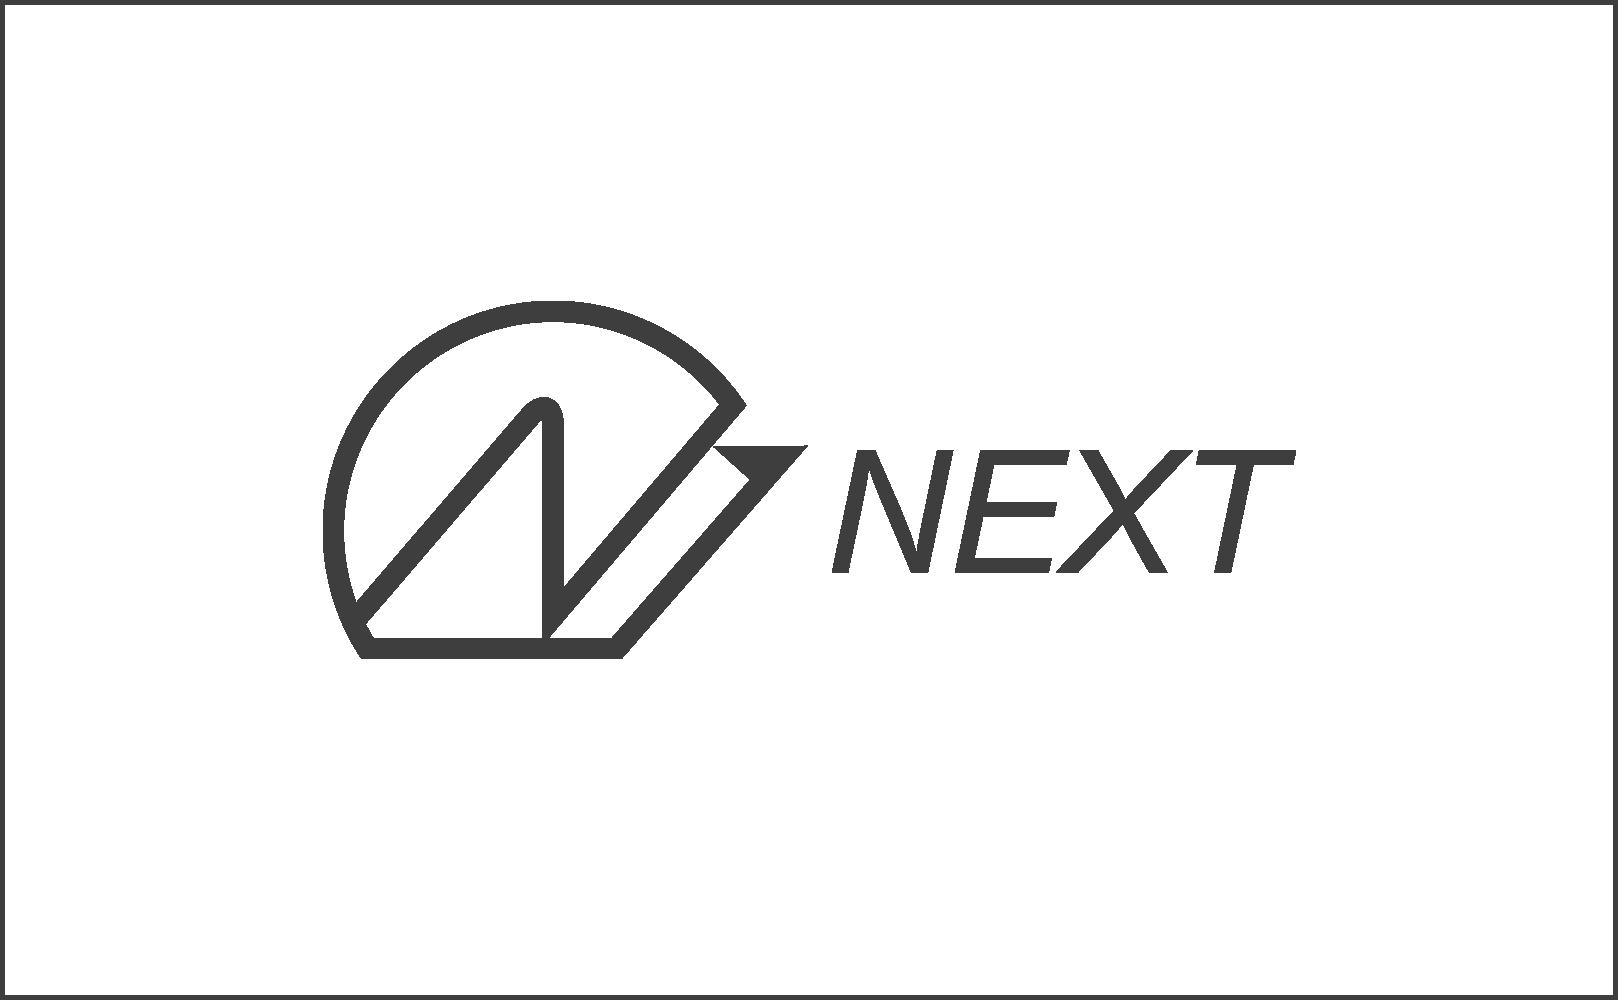 ネクストロゴ